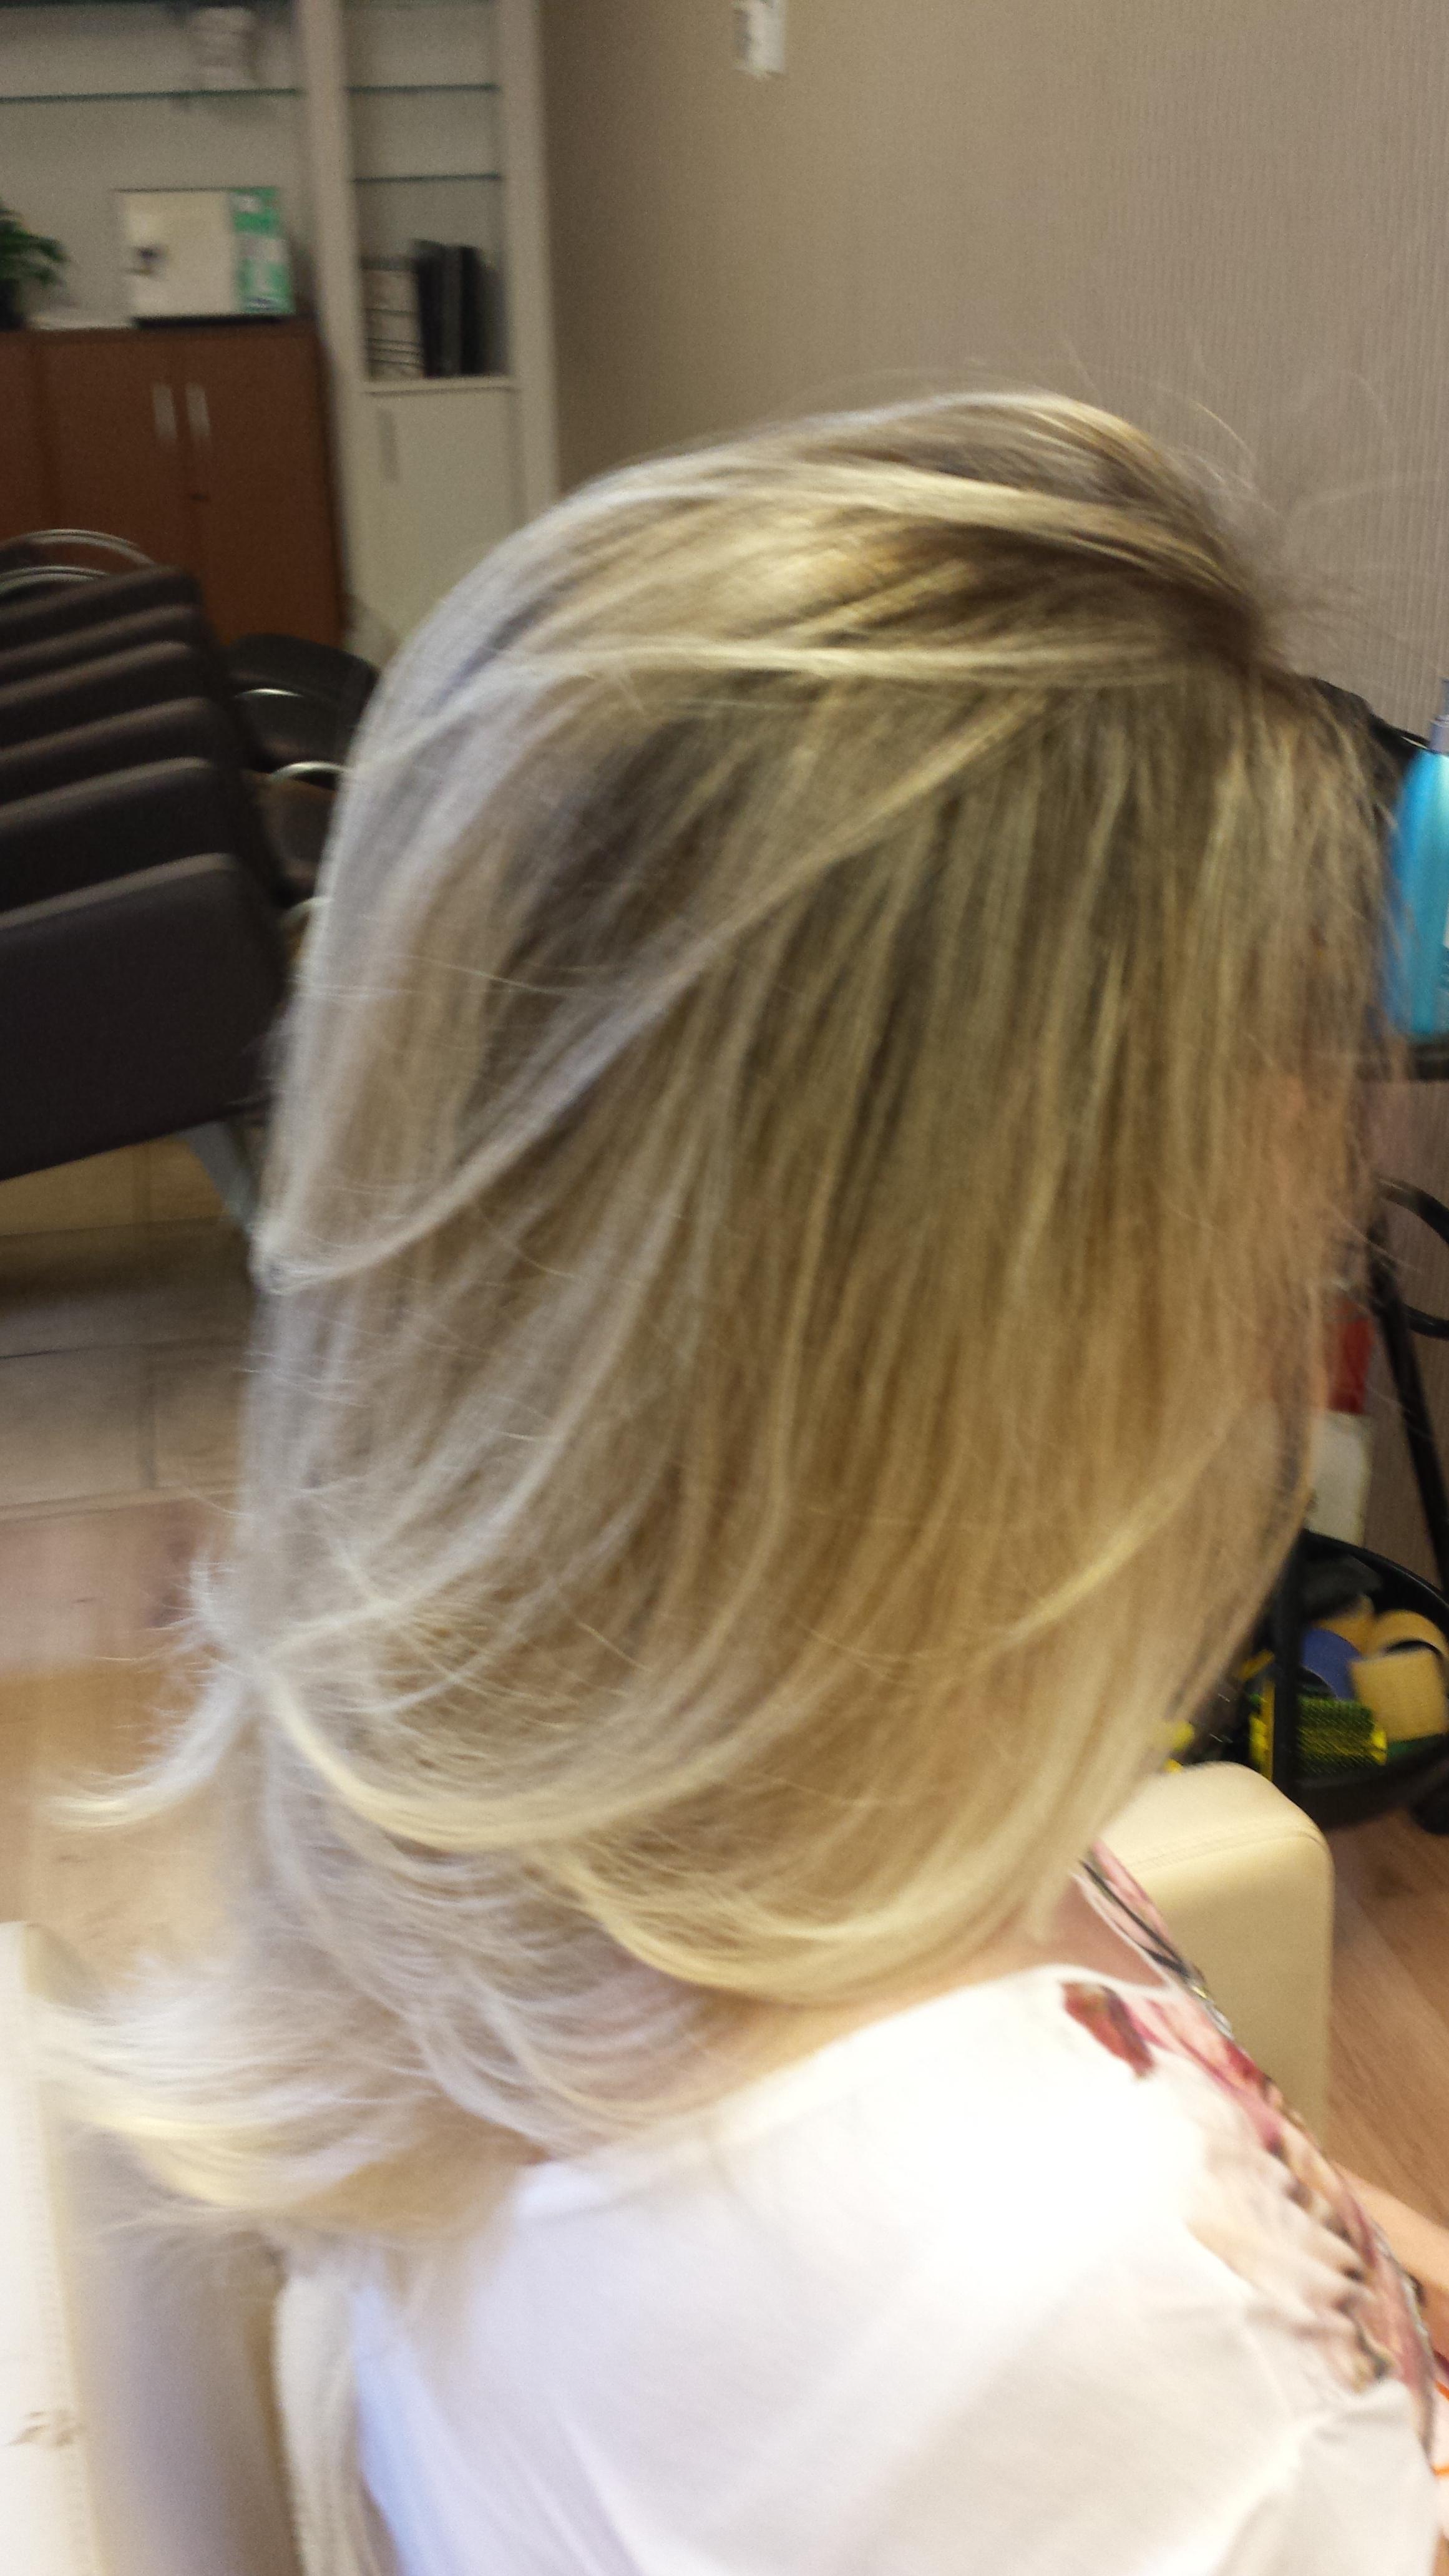 #ombrehairnewblond cabelo cabeleireiro(a)